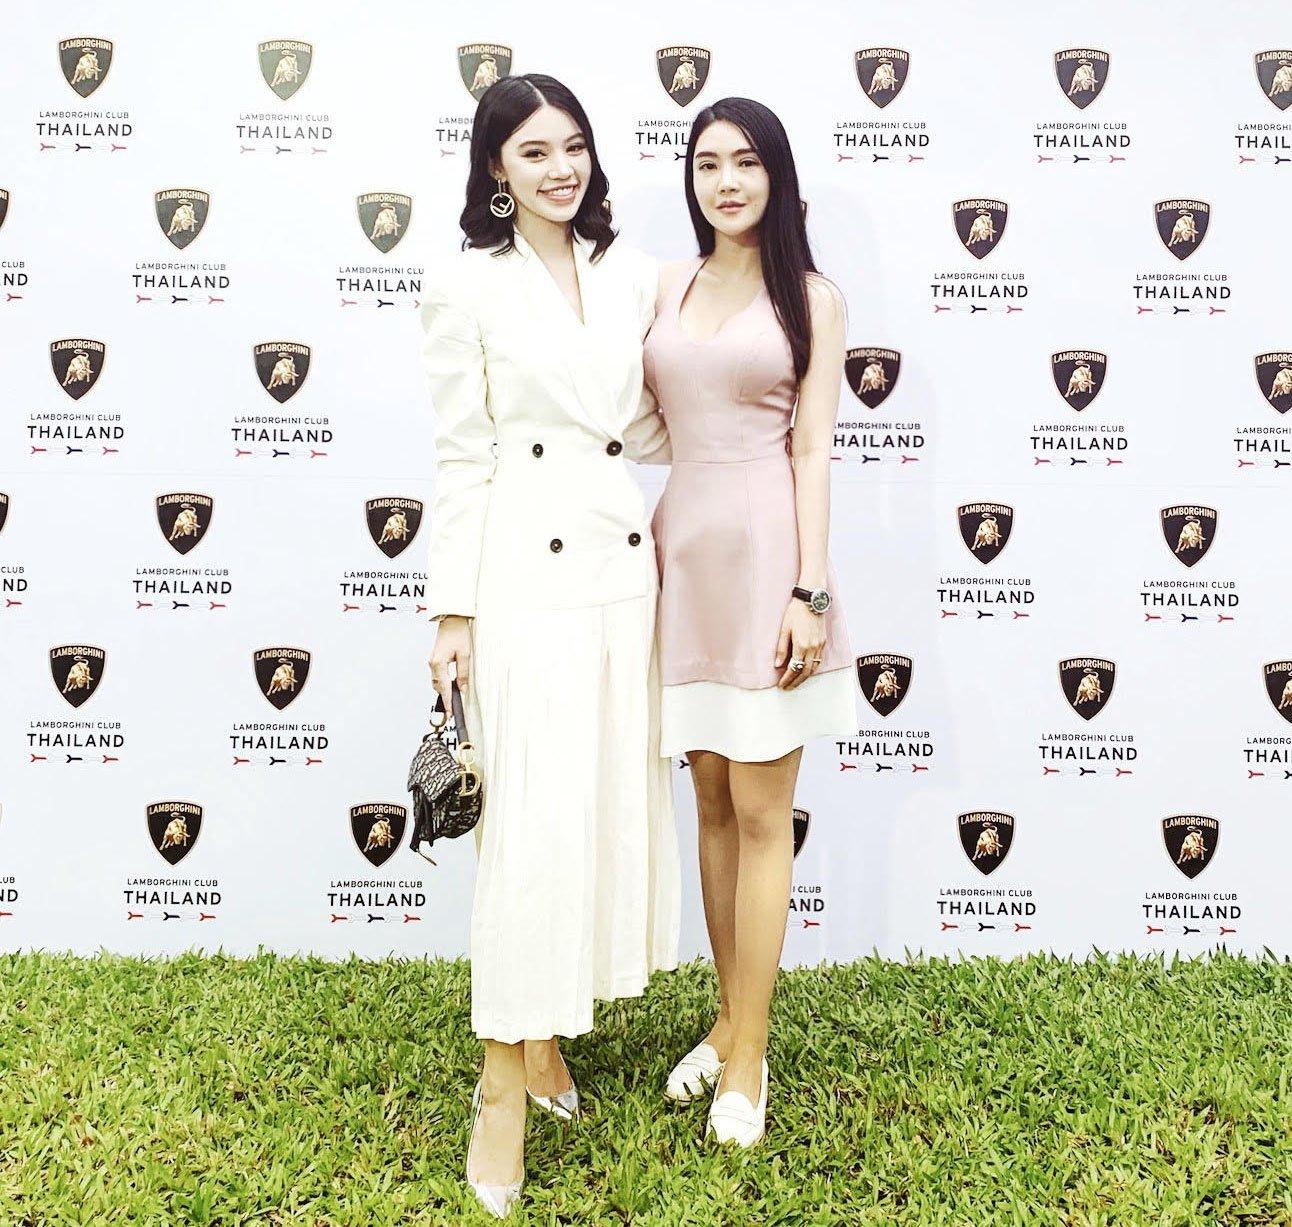 Mỹ nhân Việt duy nhất dự tiệc siêu xe của giới đại gia Thái Lan là ai? 3